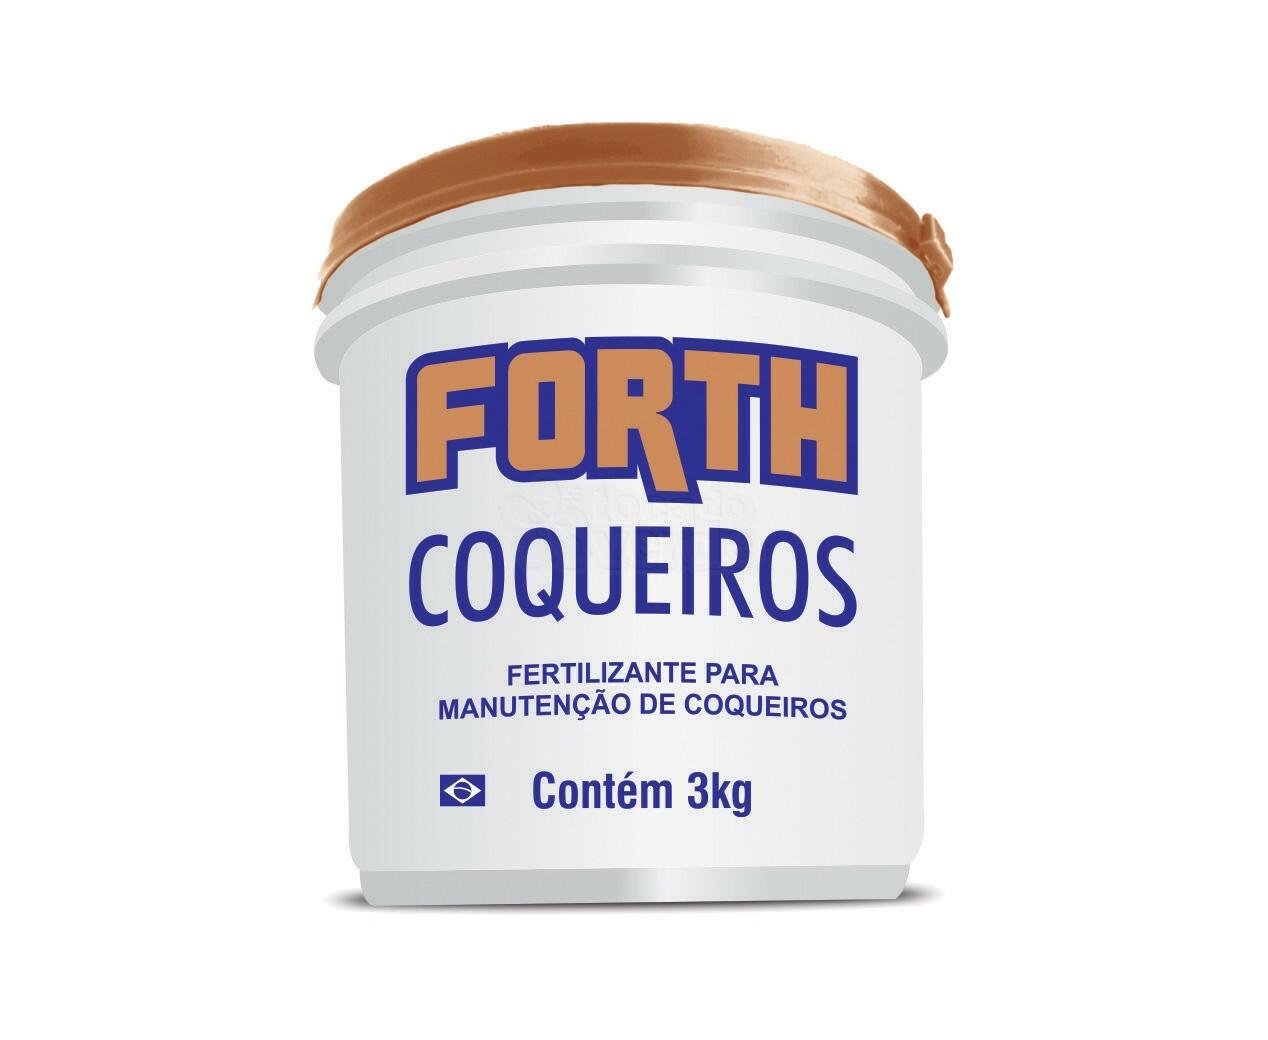 Fertilizante para Coqueiros - Forth Coqueiros 3 kg